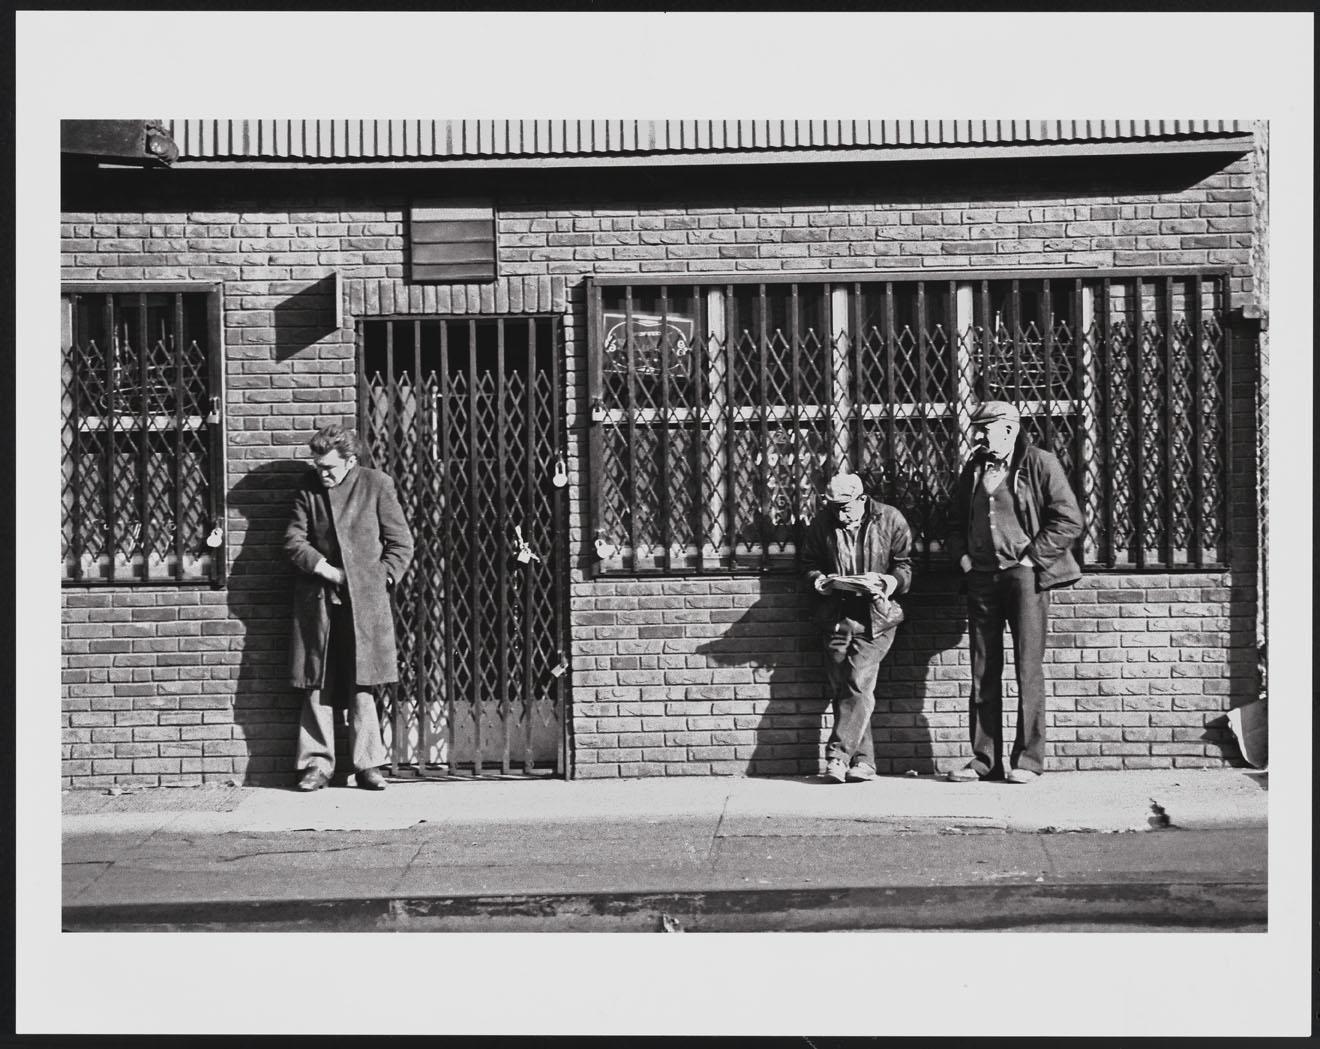 Leland Bobbé, El Bowery, 1974